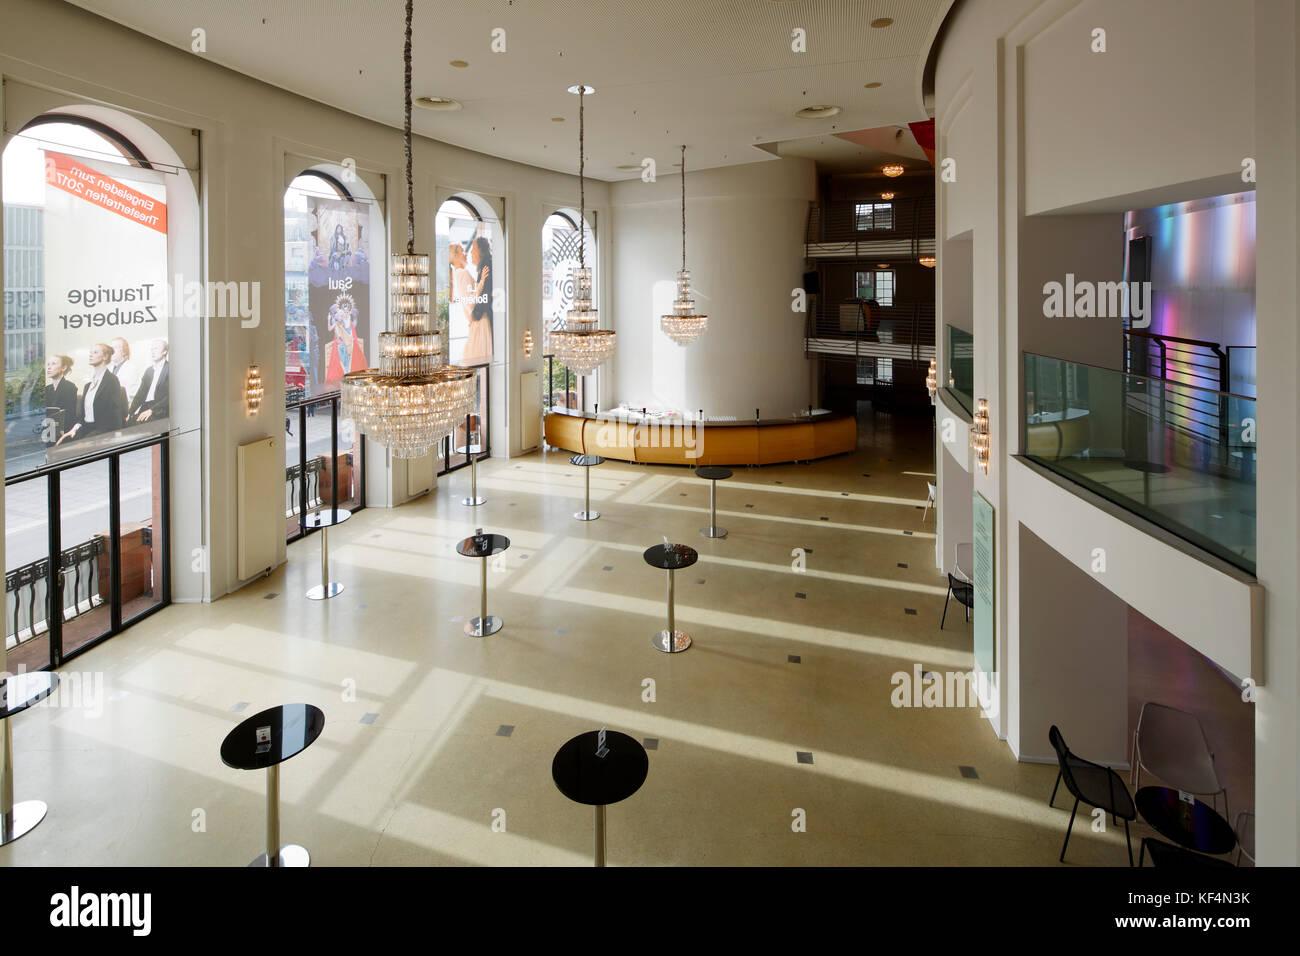 Staatstheater Mainz, Rheinland Pfalz, Großes Haus, Foyer, Empfangshalle,  Kronleuchter, Stehtische